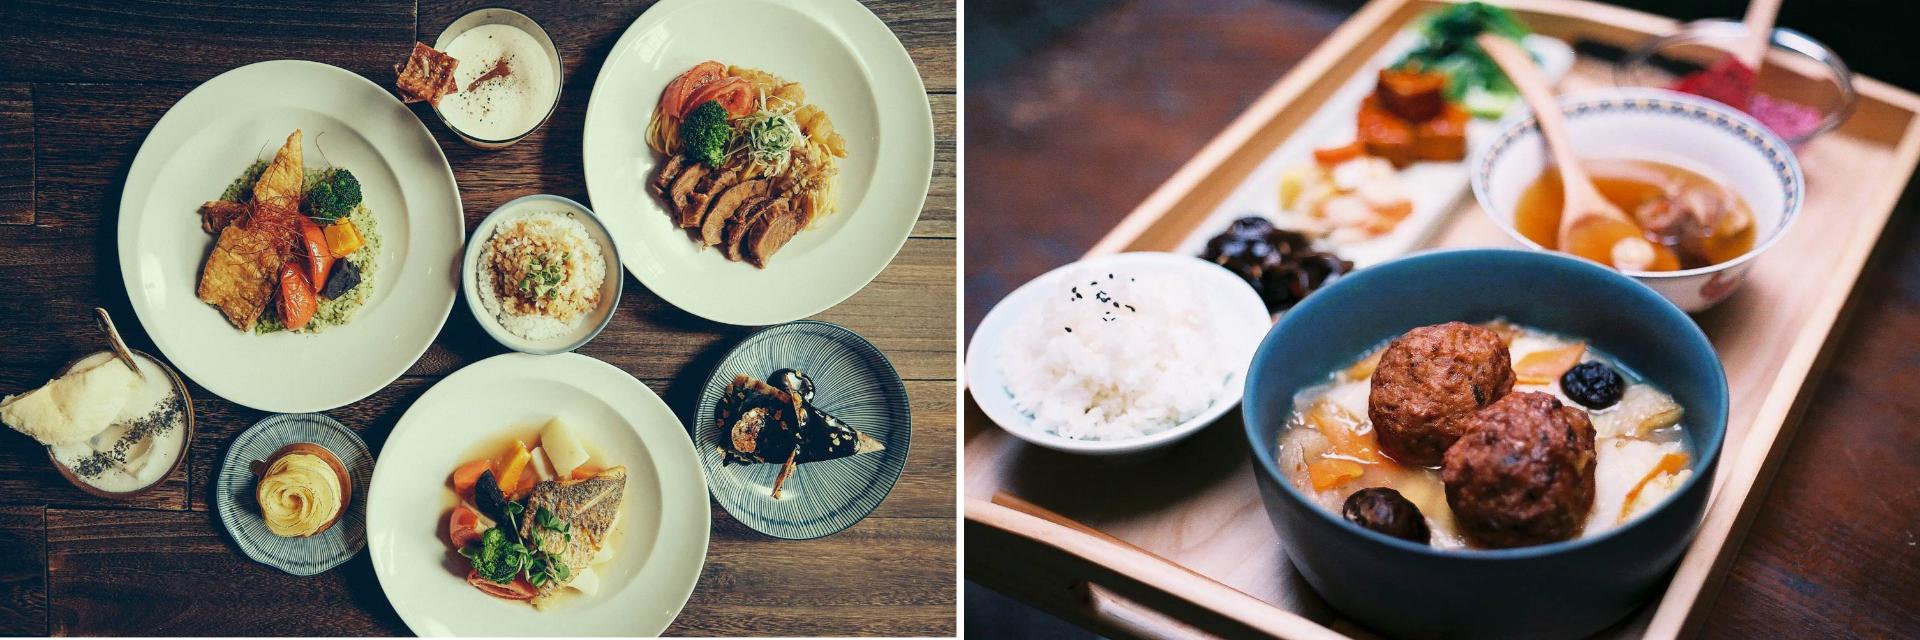 4 間超下飯「台式老味道」人氣餐廳,編輯呷飽飽流口水推薦